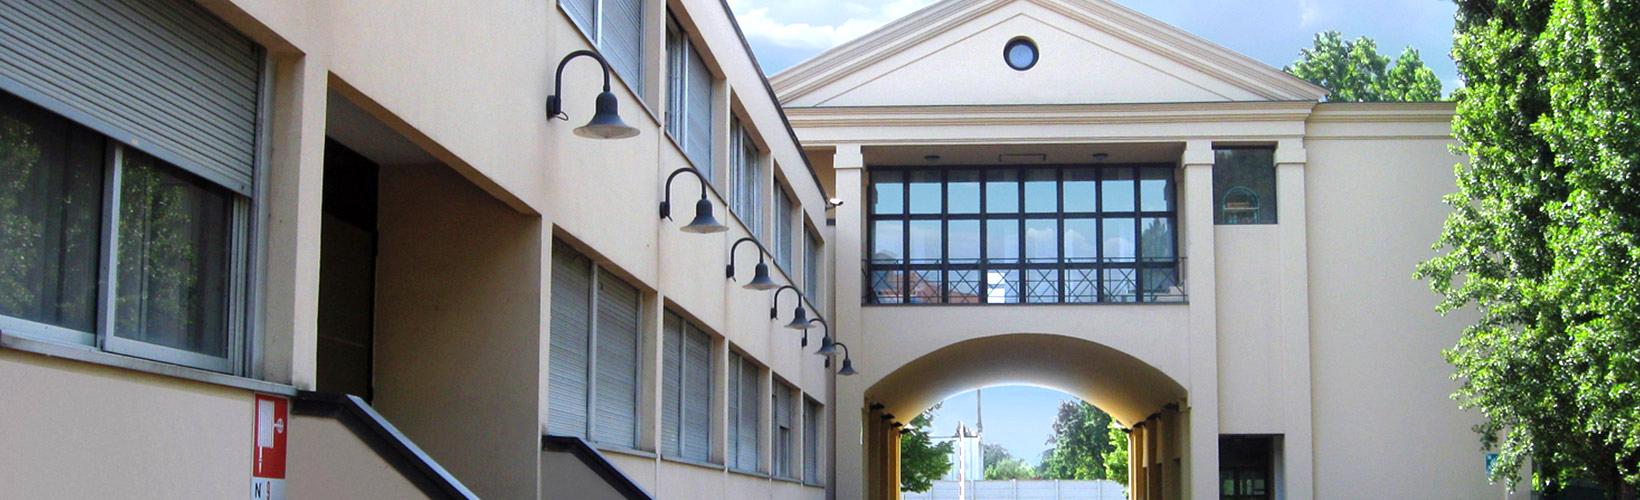 Nute appartamenti in affitto bologna riccionenute for Appartamenti arredati in affitto a bologna